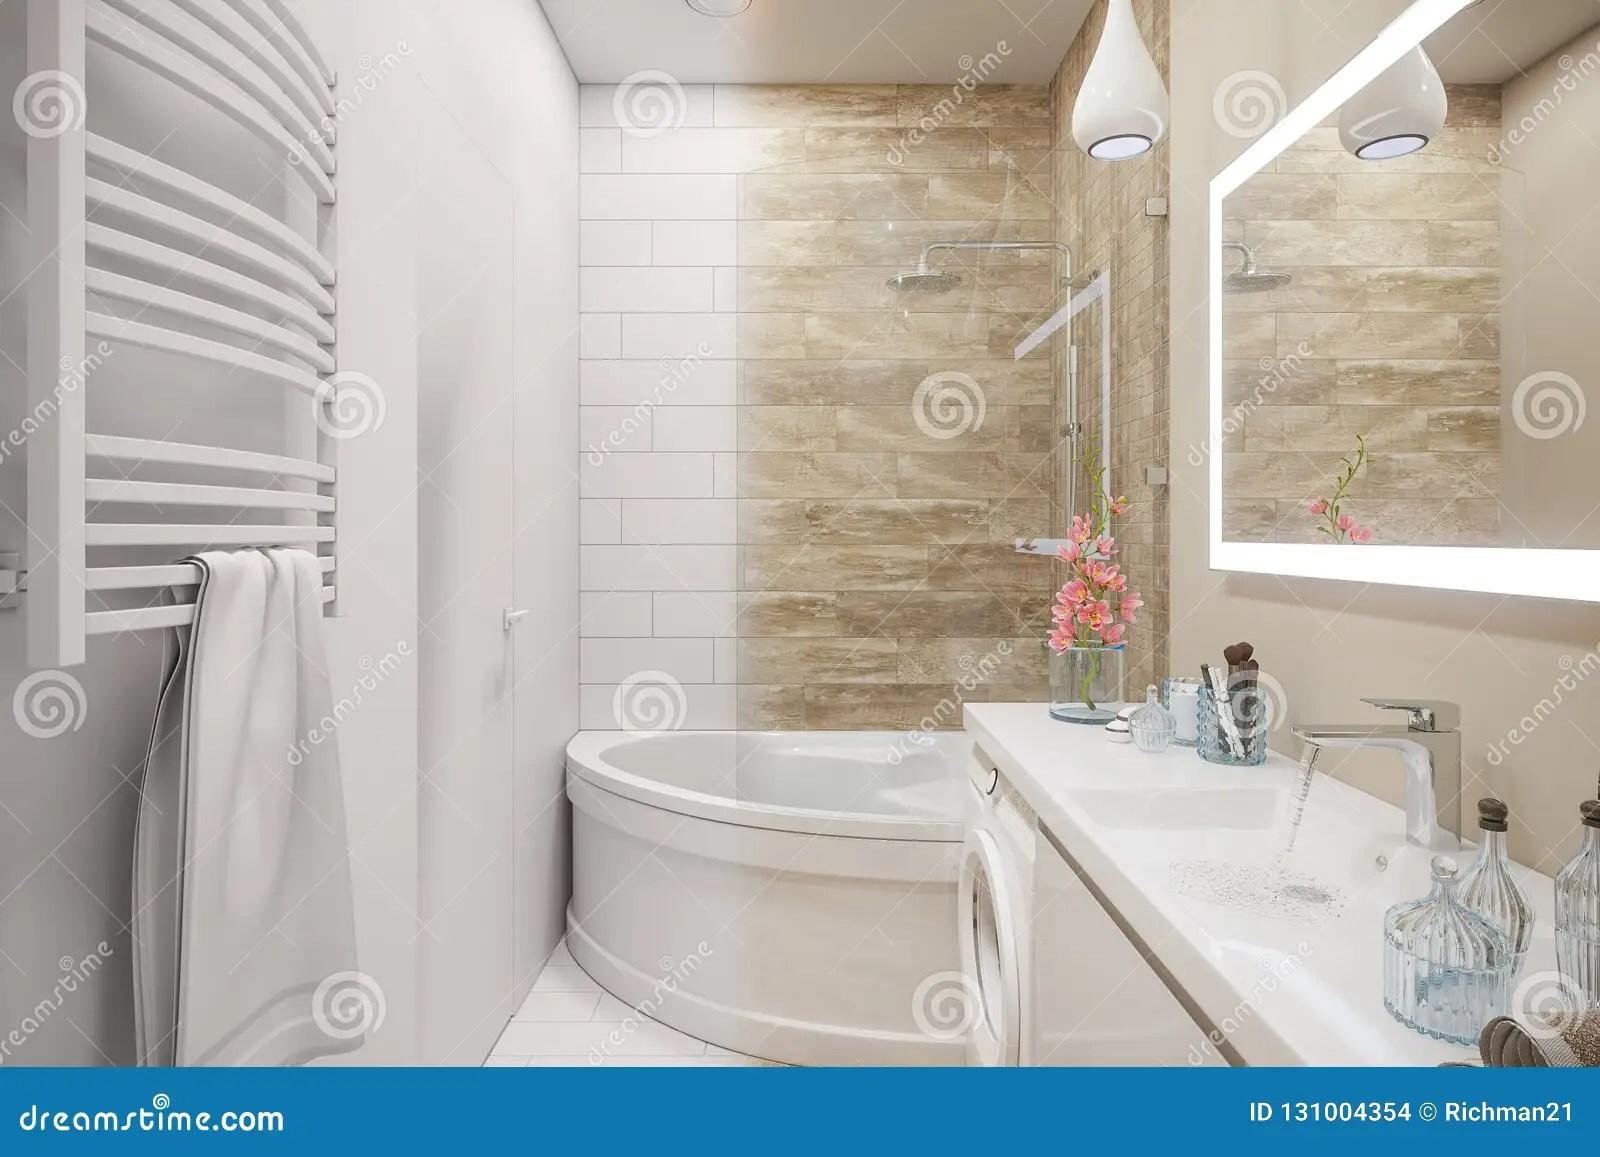 Diseño De Interiores De Cuartos De Baño | Cuartos De Baño De ...